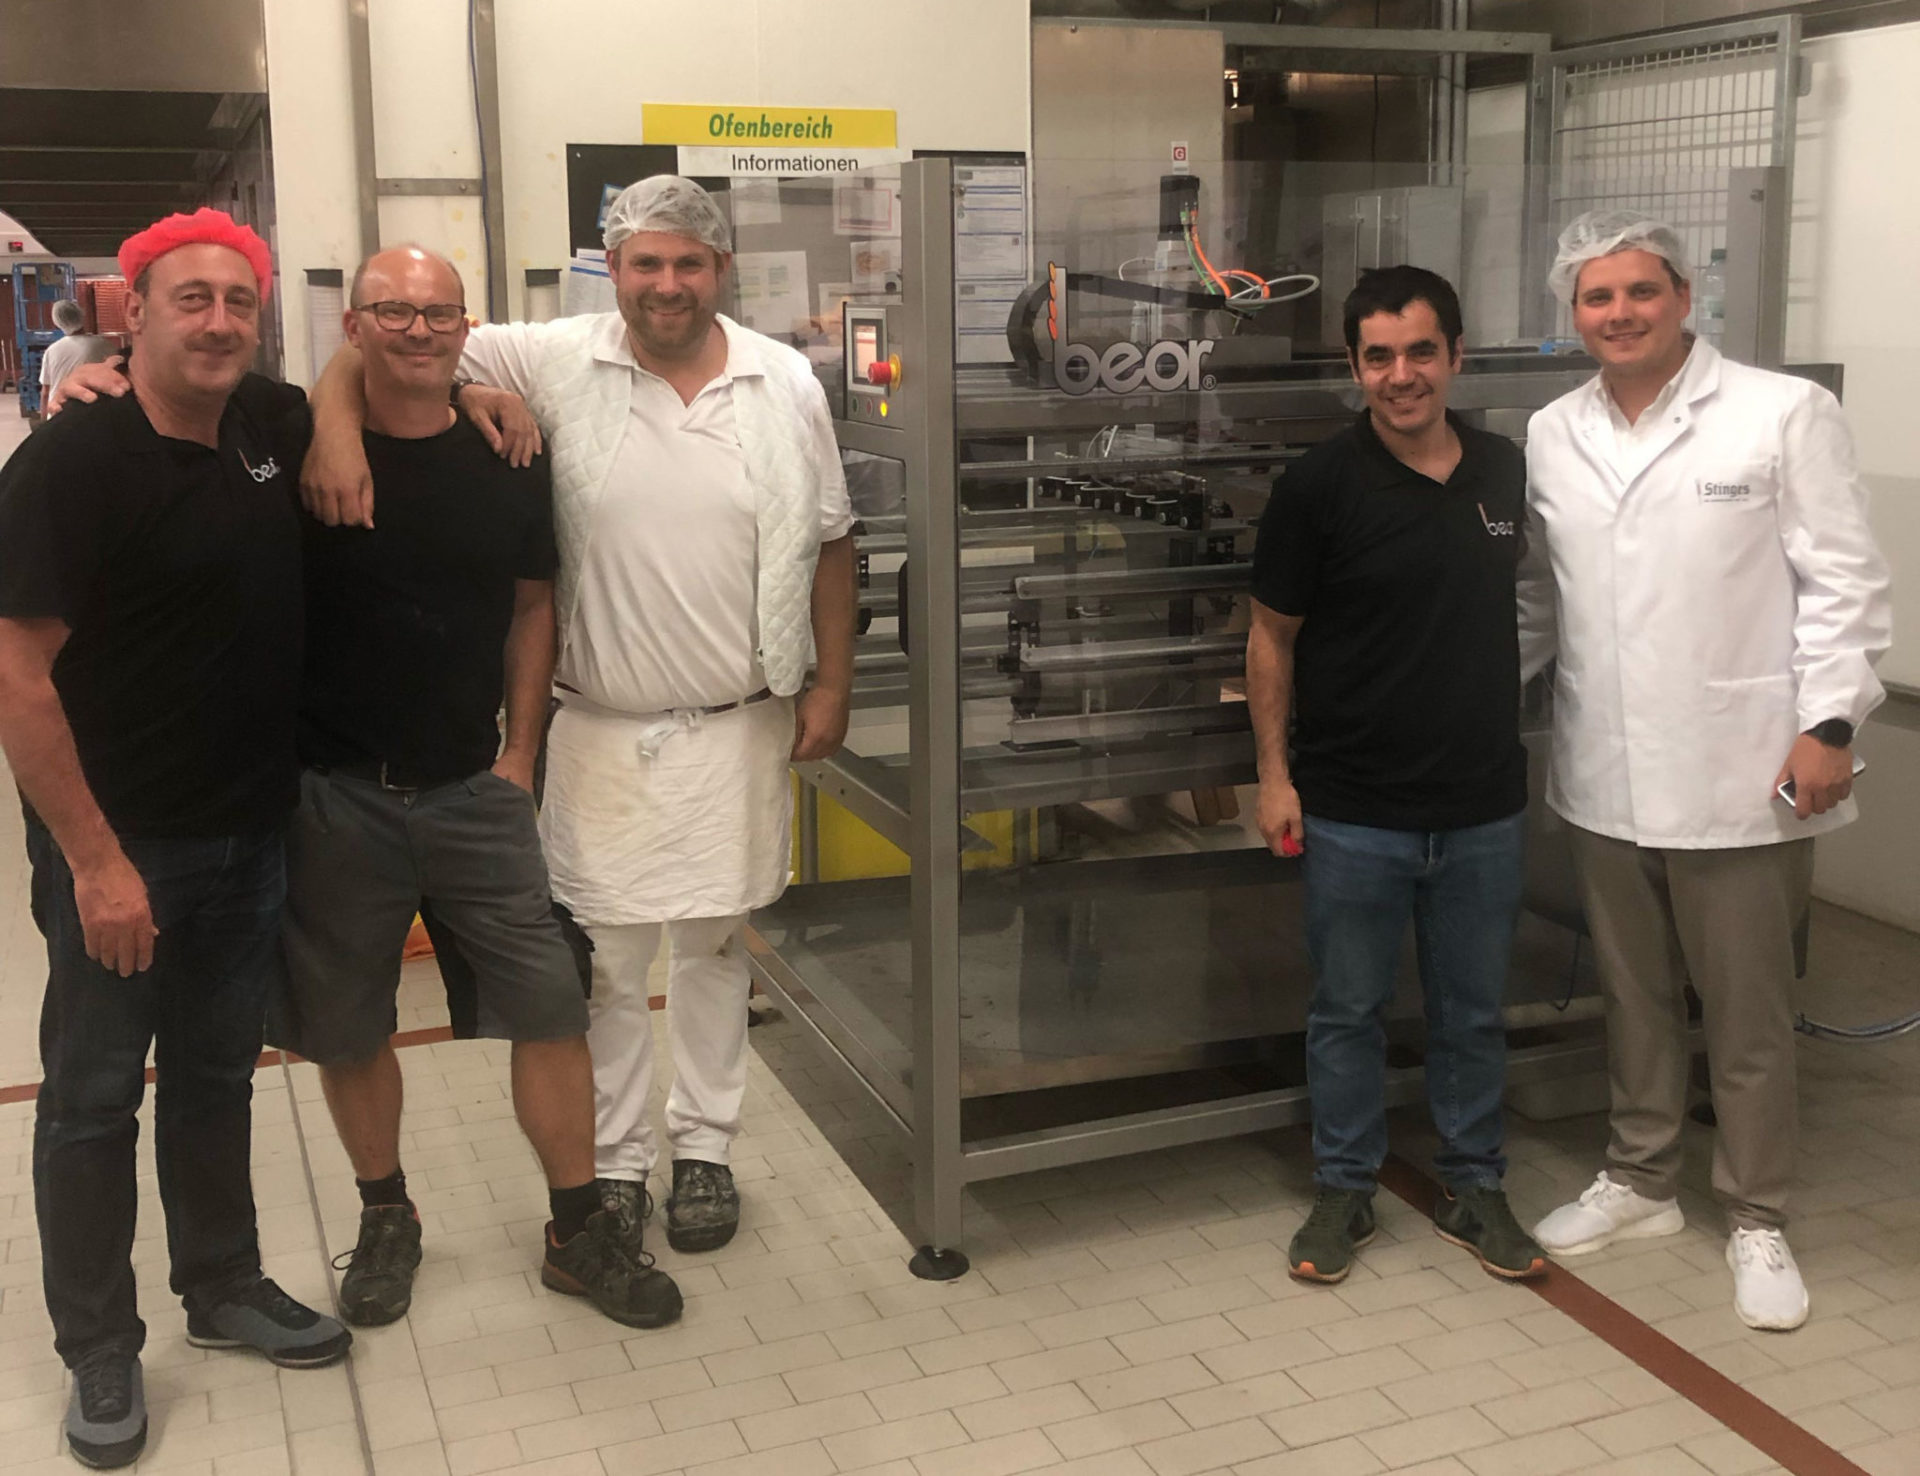 Nueva 'CompactLeo' instalada en Stinges, Alemania